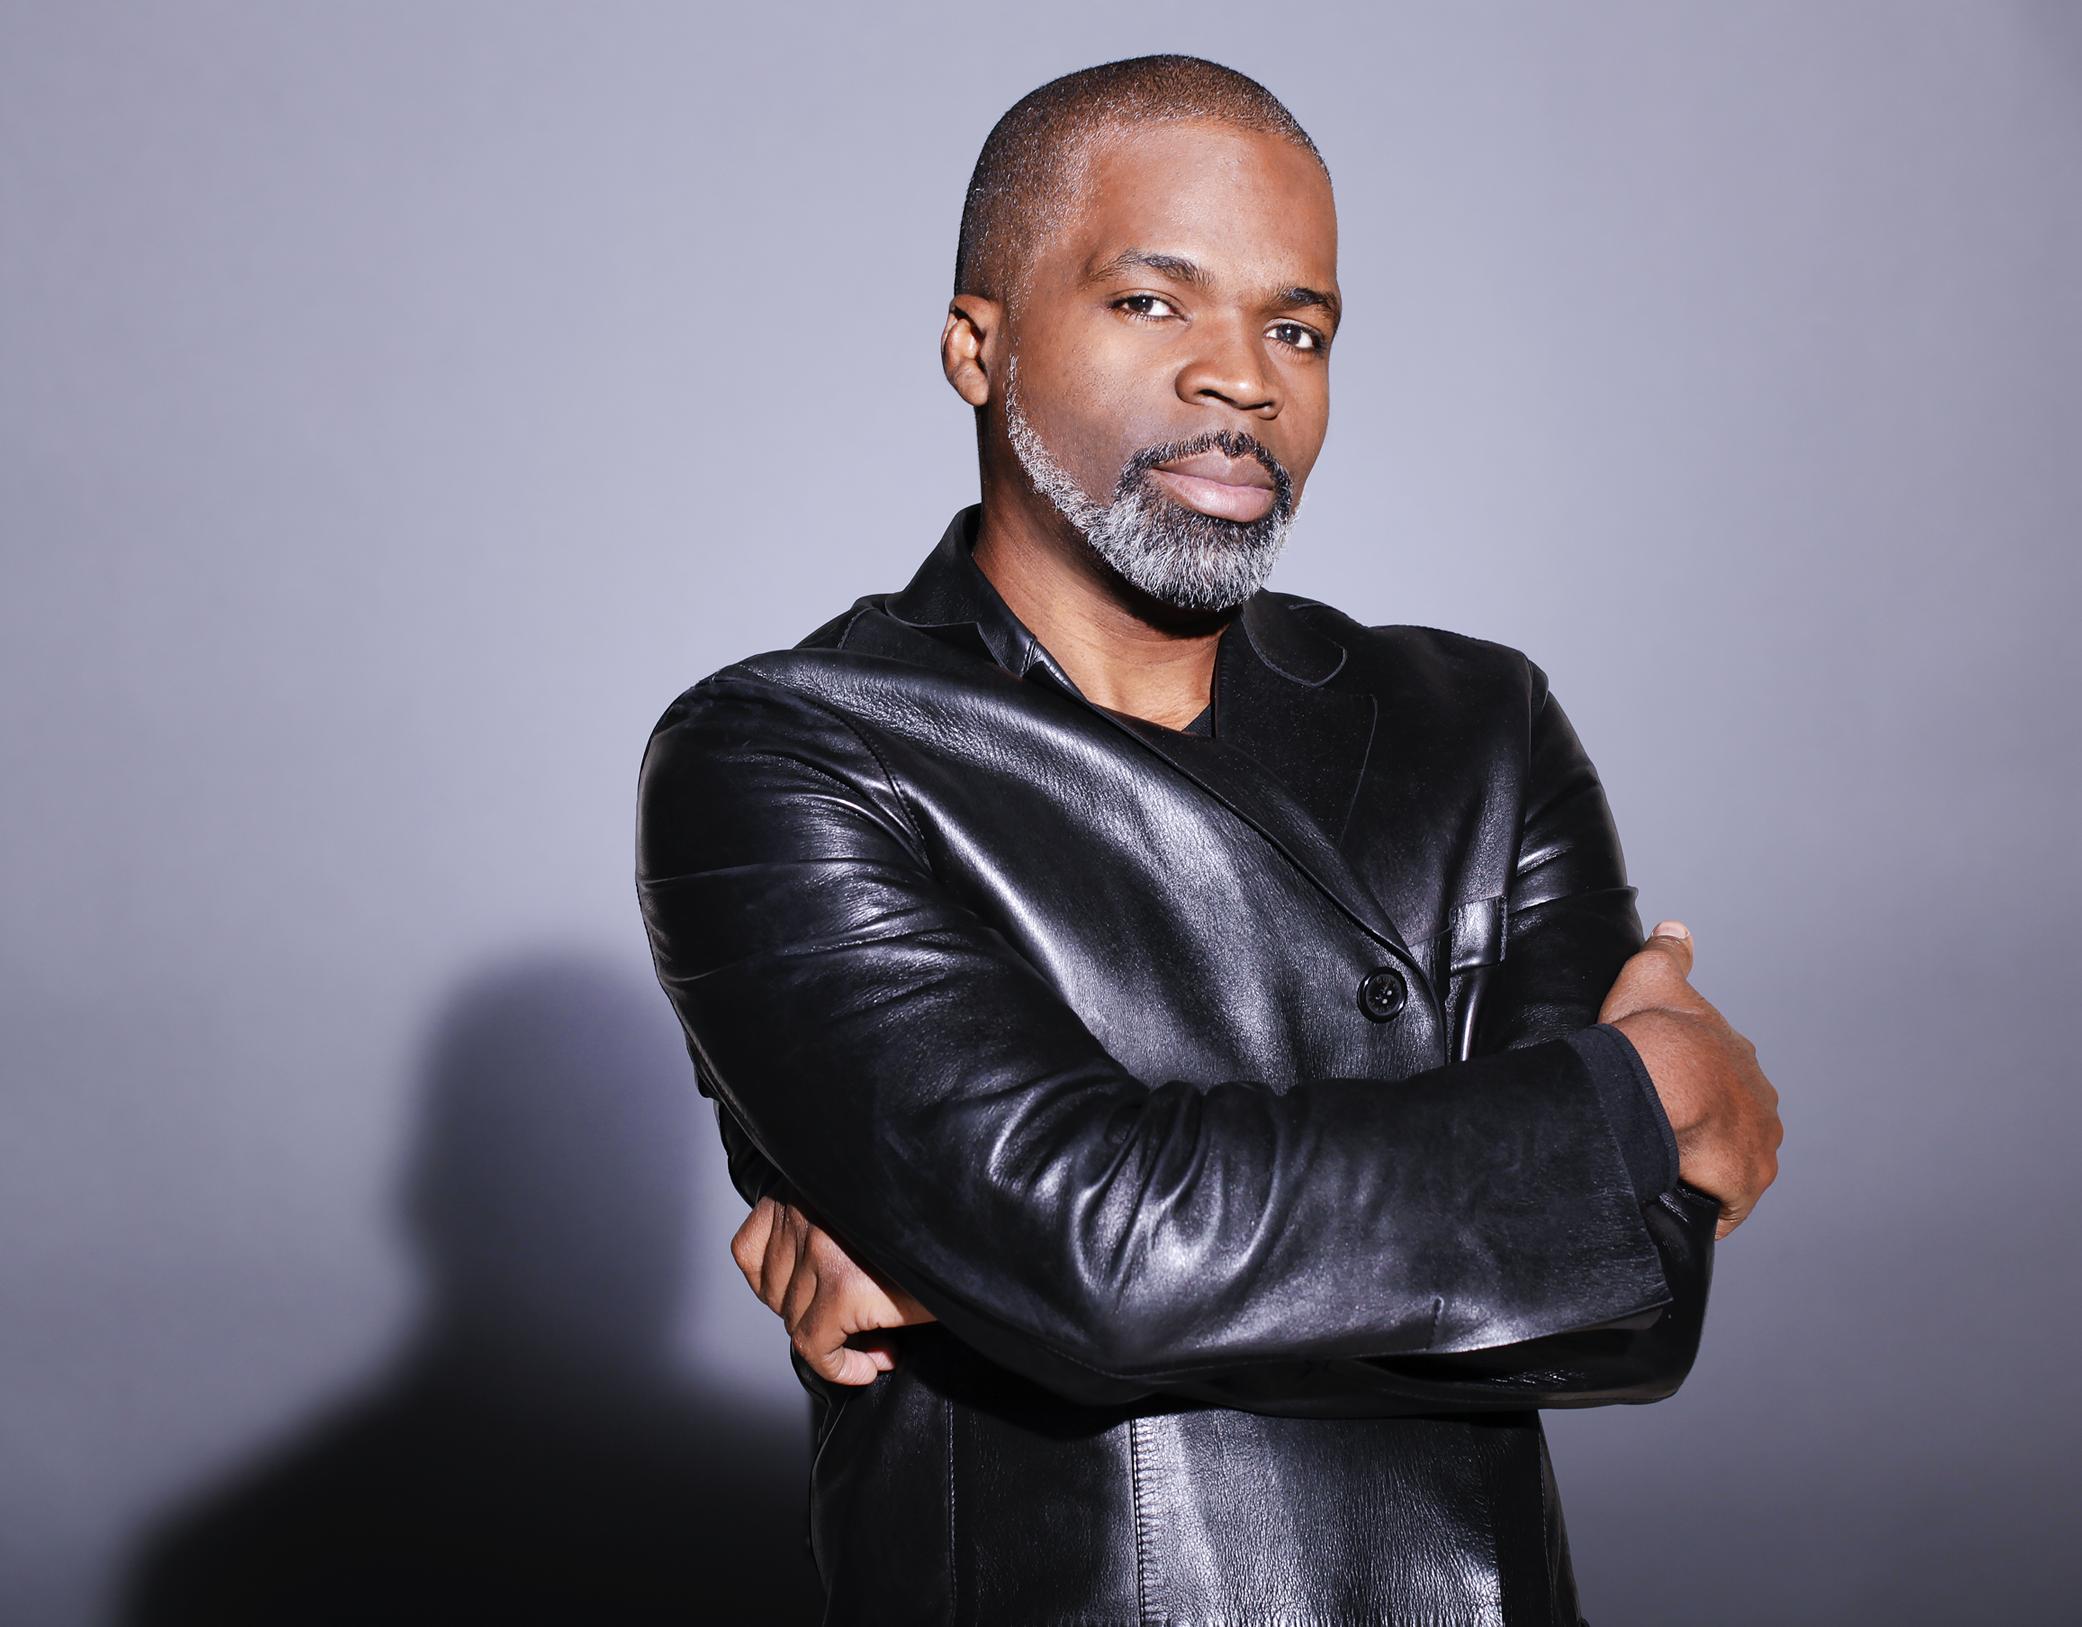 El rapero camerunés Ménélik